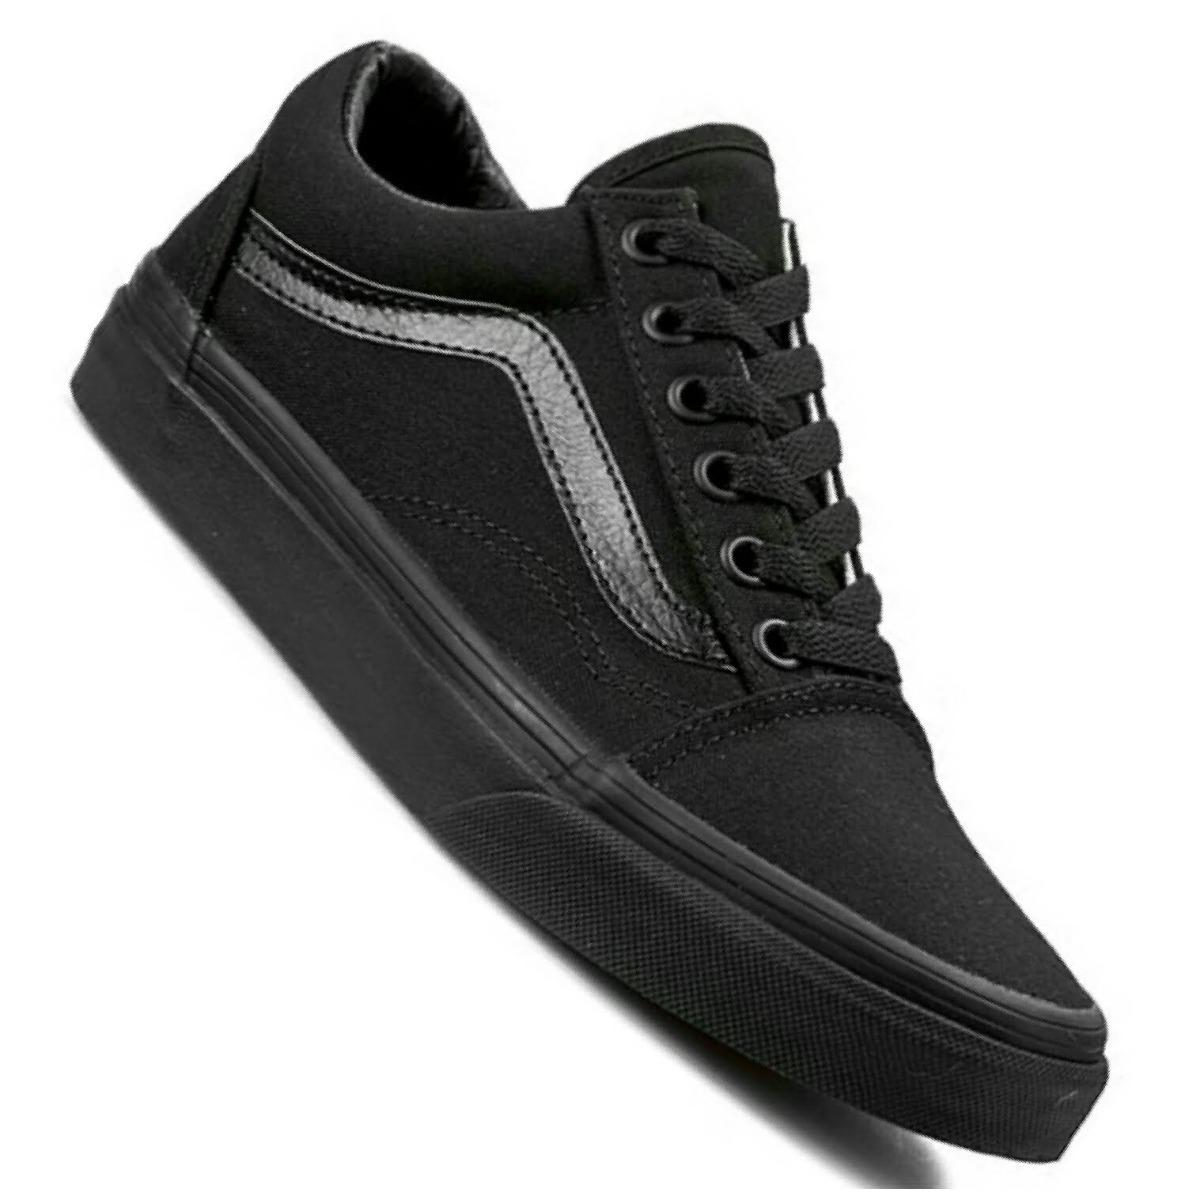 146e5224032 zapatillas vans old skool originales black black negro. Cargando zoom.